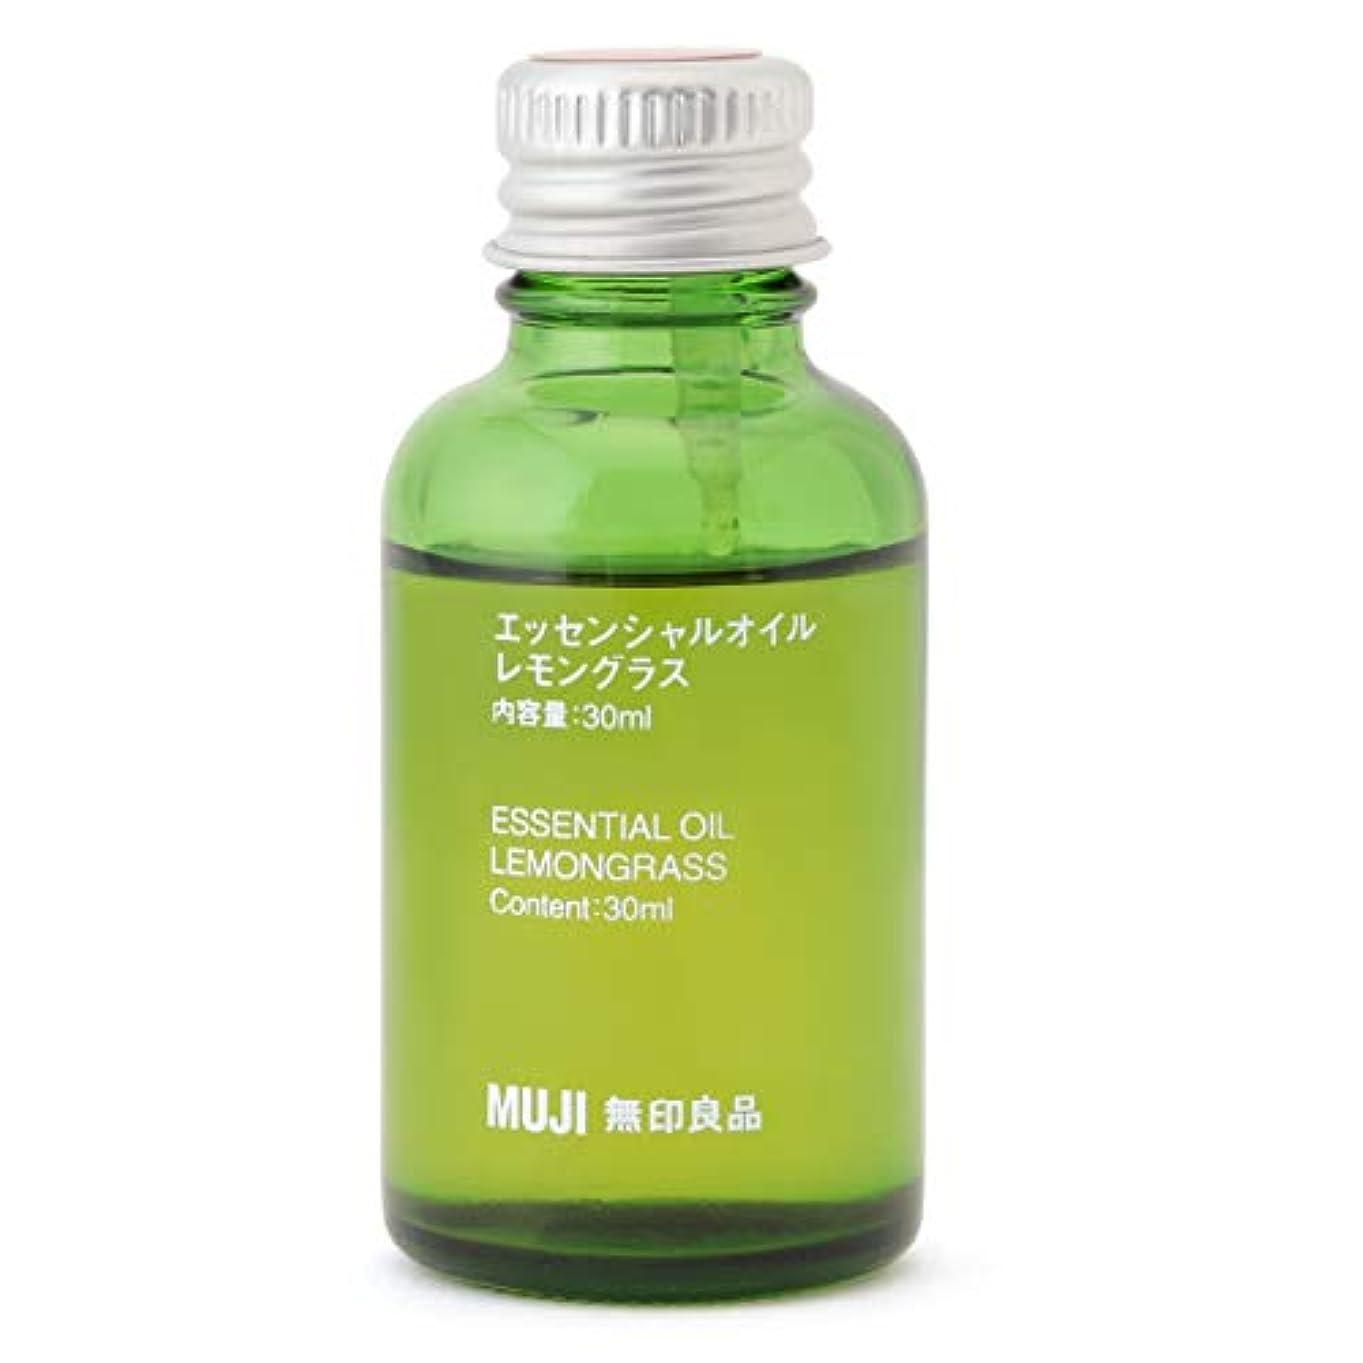 許す落とし穴雄弁家【無印良品】エッセンシャルオイル30ml(レモングラス)